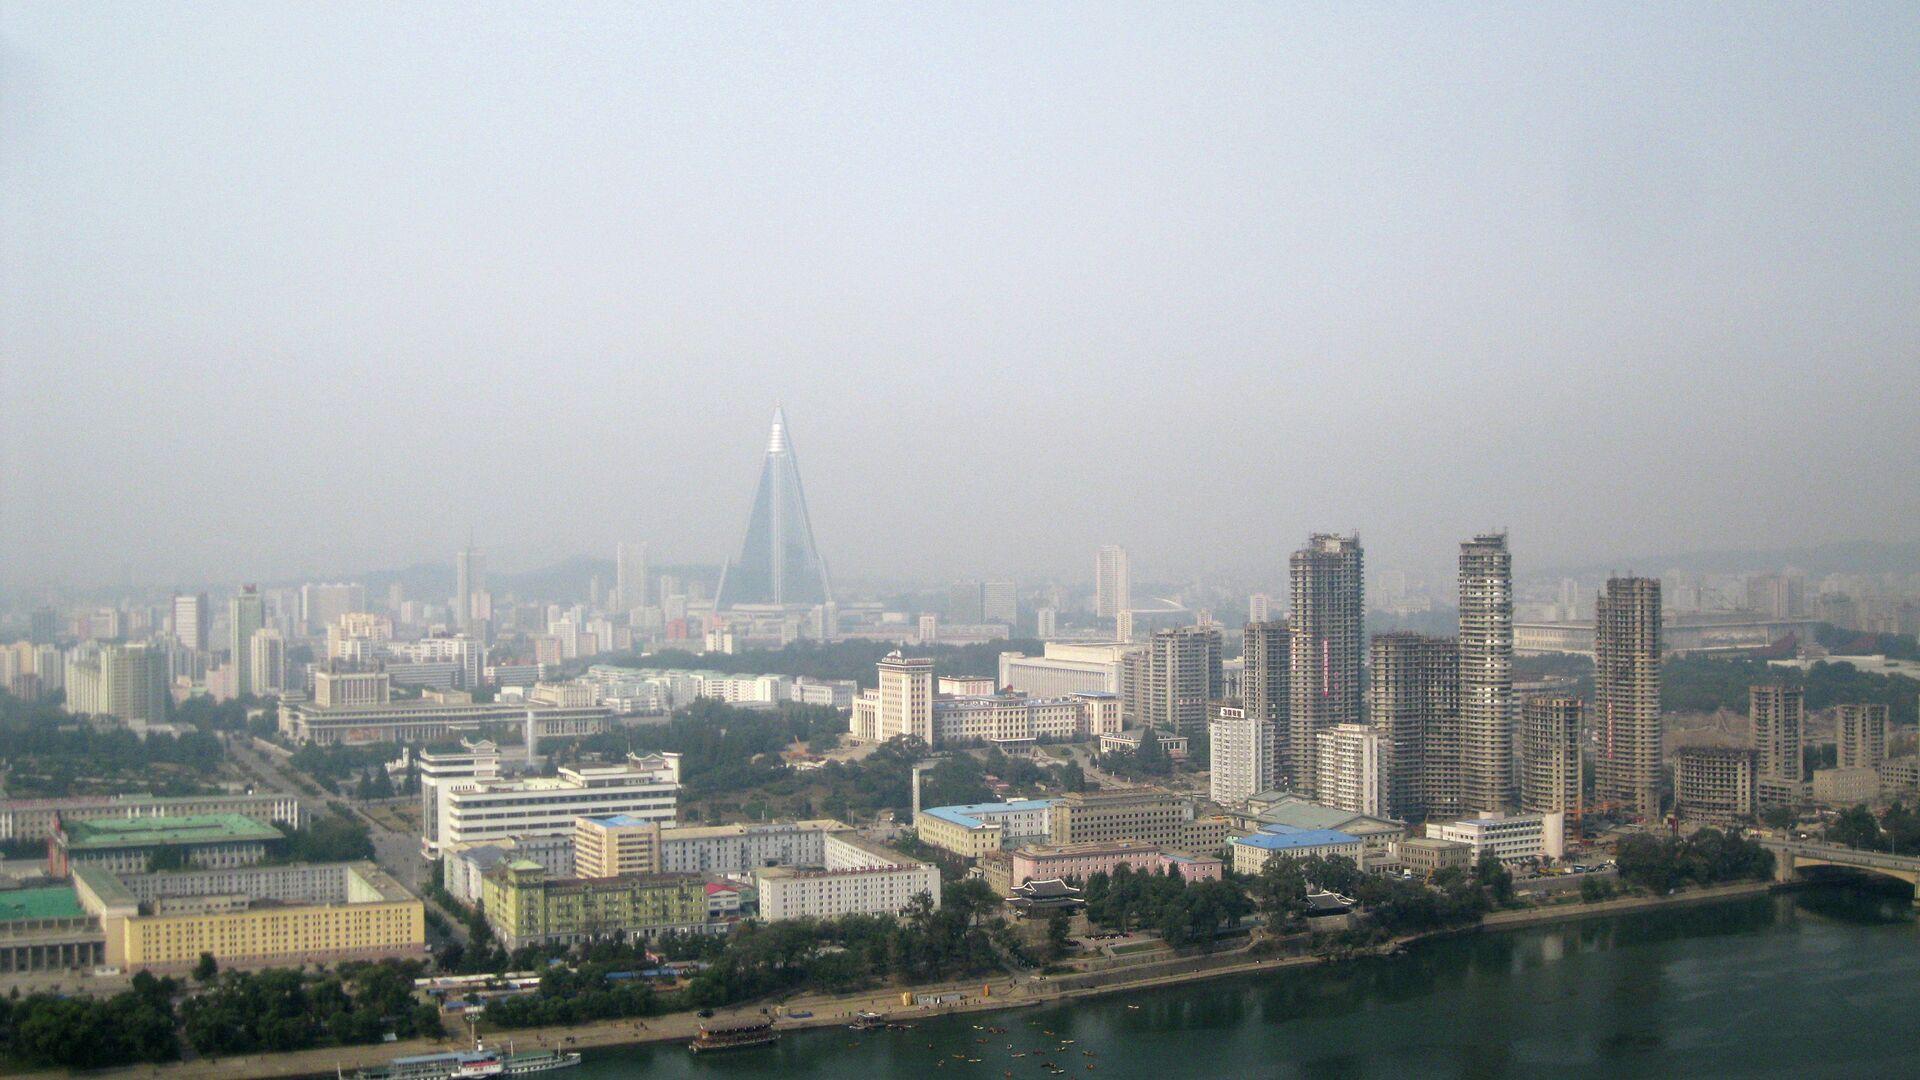 Вид на центр Пхеньяна. Архивное фото - РИА Новости, 1920, 15.09.2021